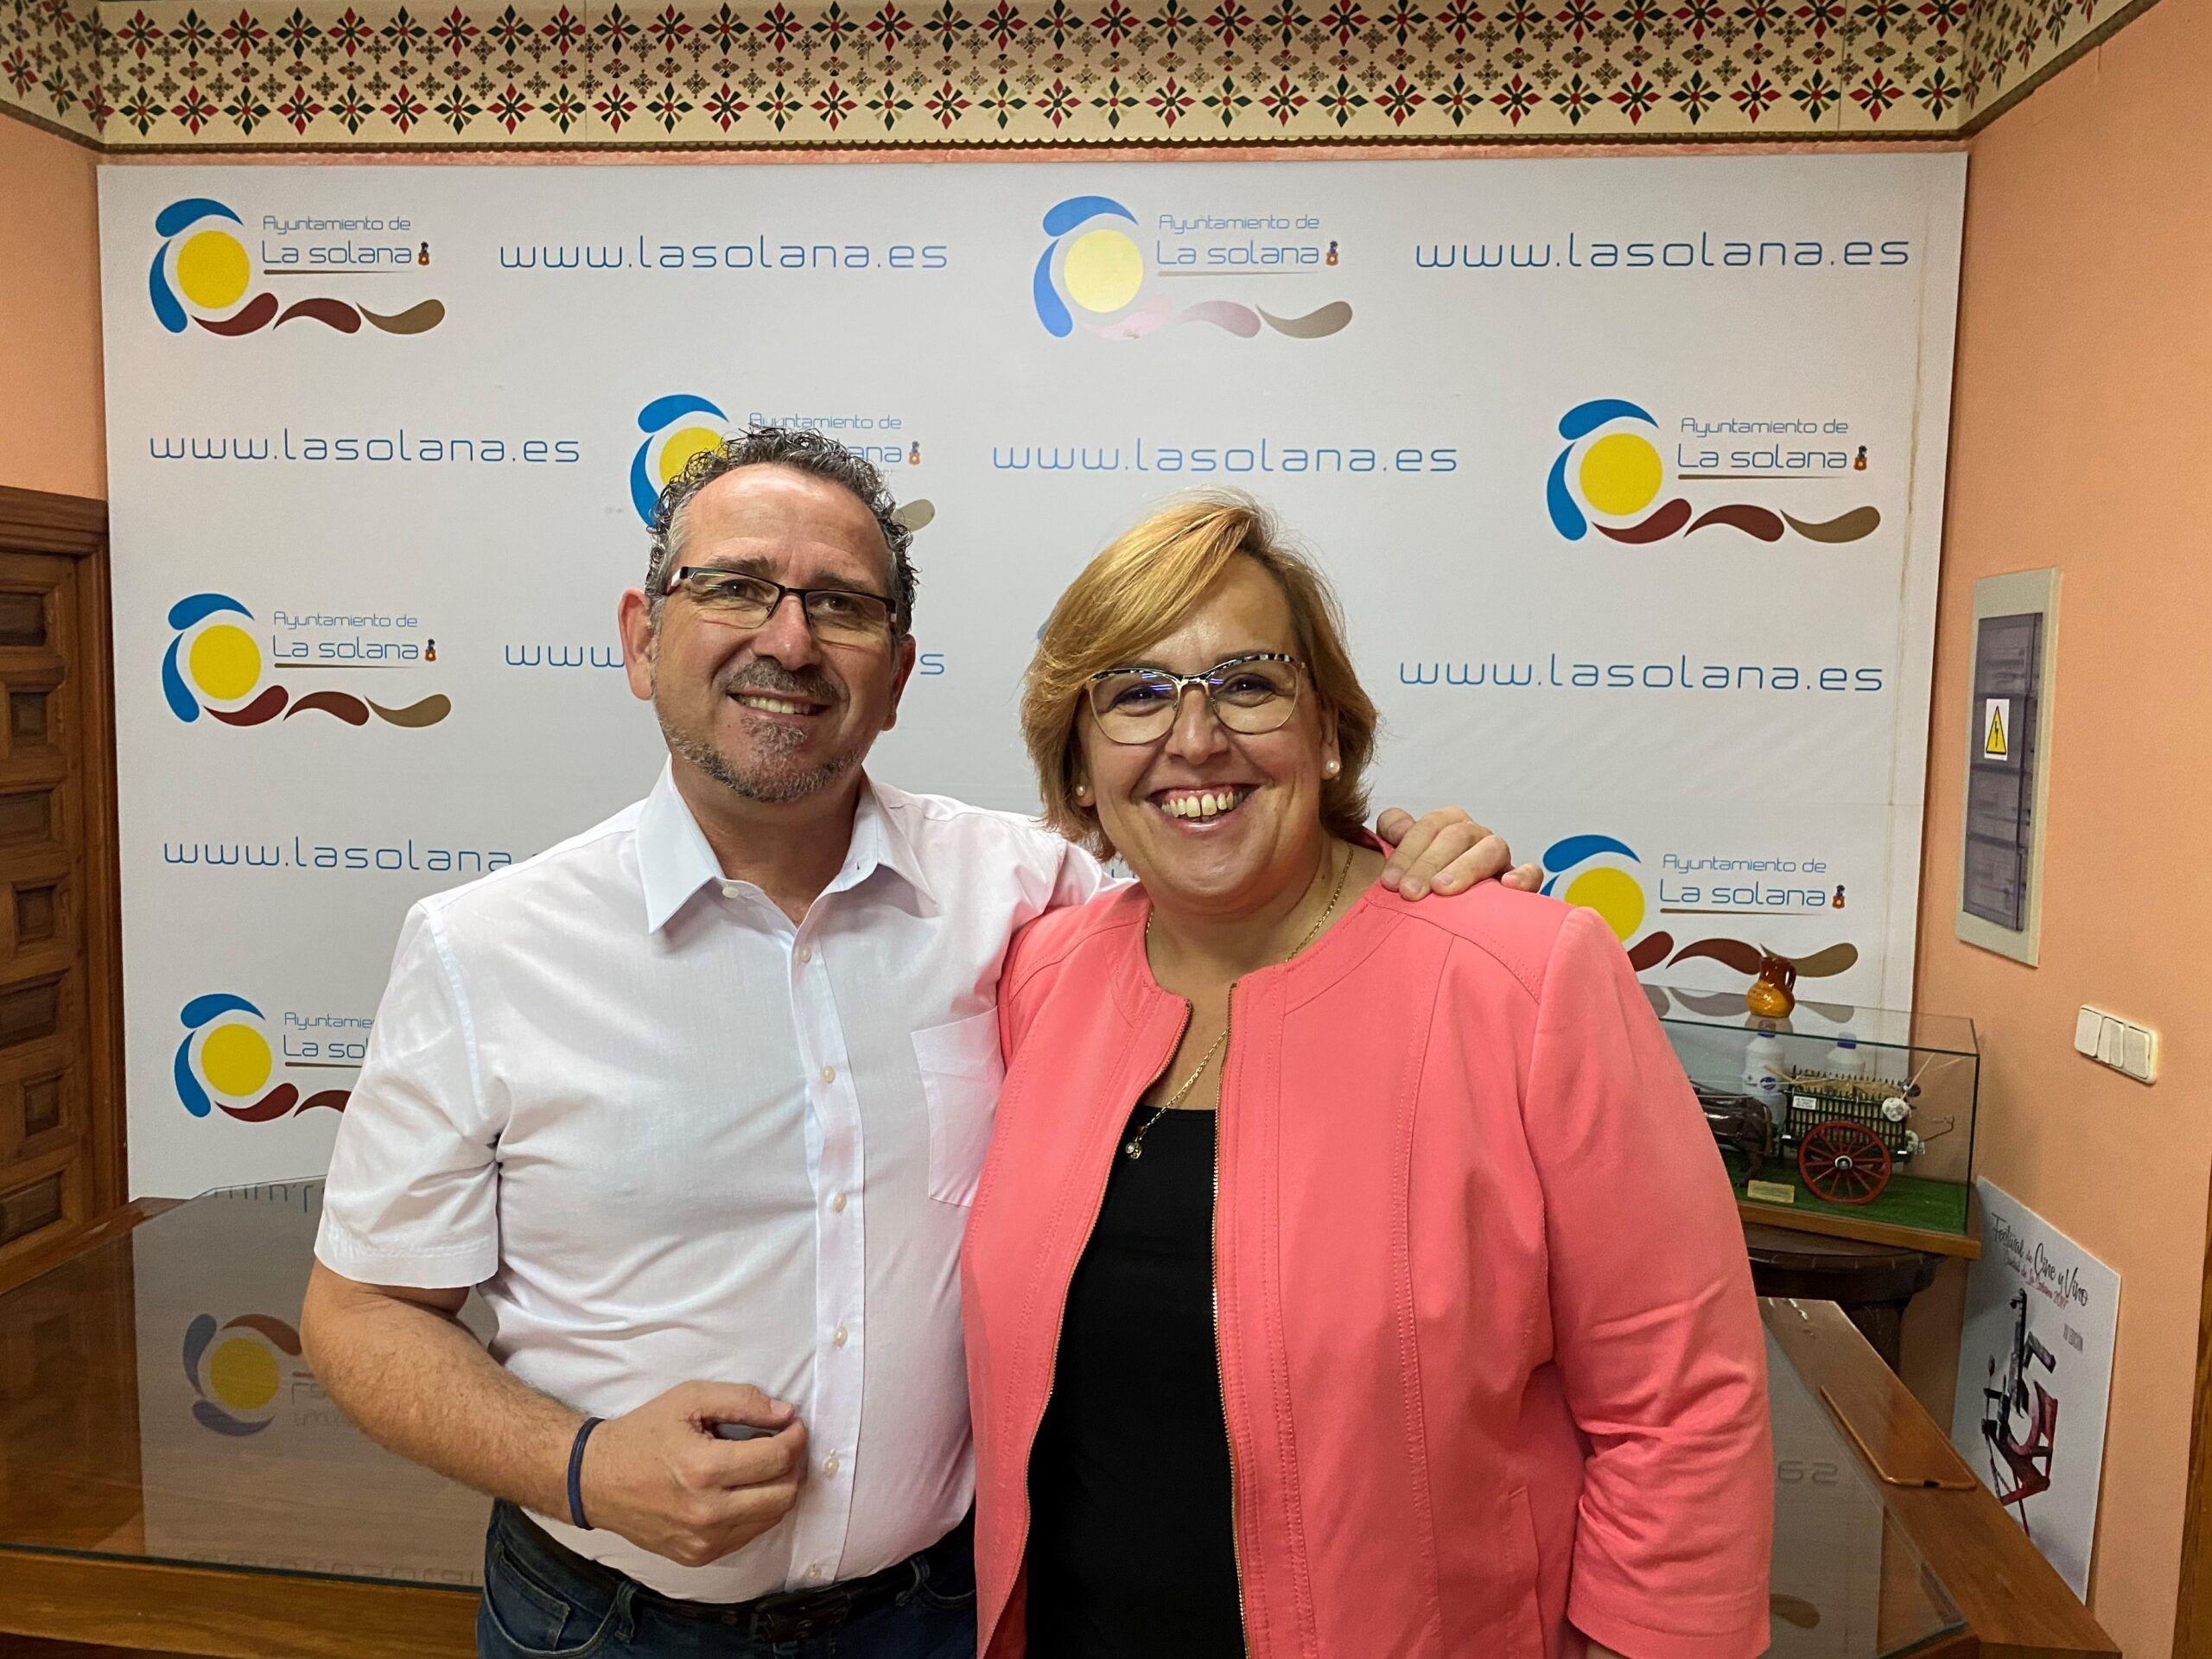 El Gobierno de Castilla-La Mancha valora el trabajo de Luis Díaz- Cacho como alcalde de La Solana y le felicita por su nuevo cargo en el Gobierno de España